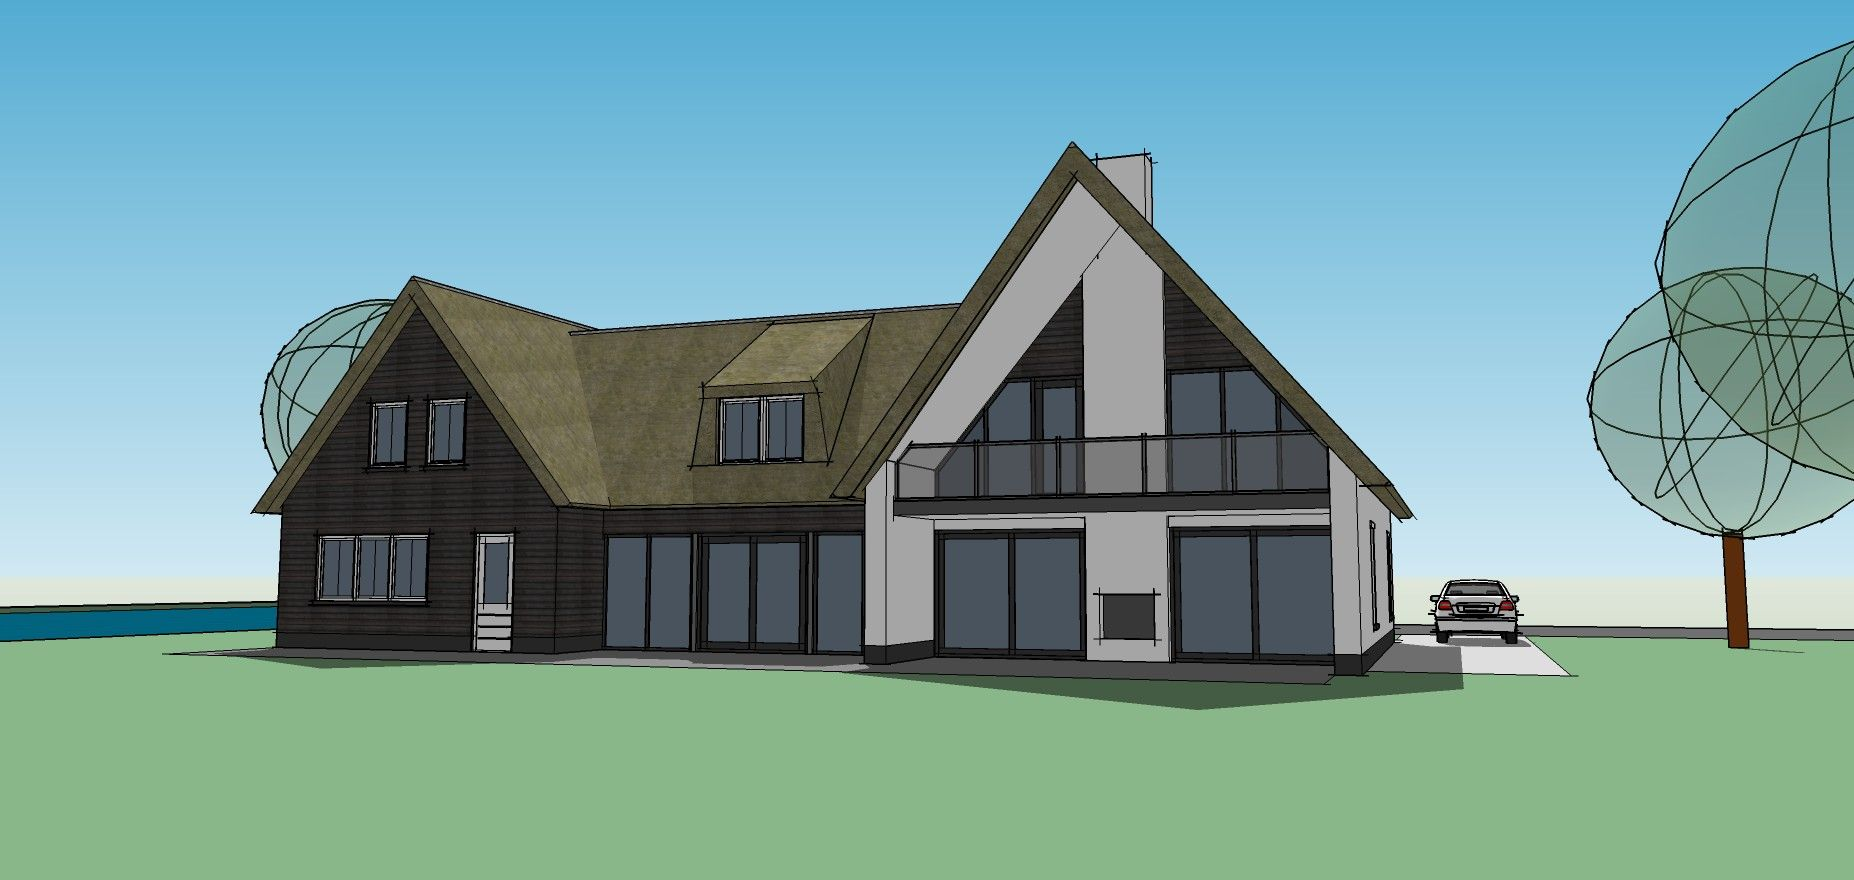 Modern ontwerp met veel ramen en een rieten kap door gebruik van verschillende materialen - Entree eigentijds huis ...